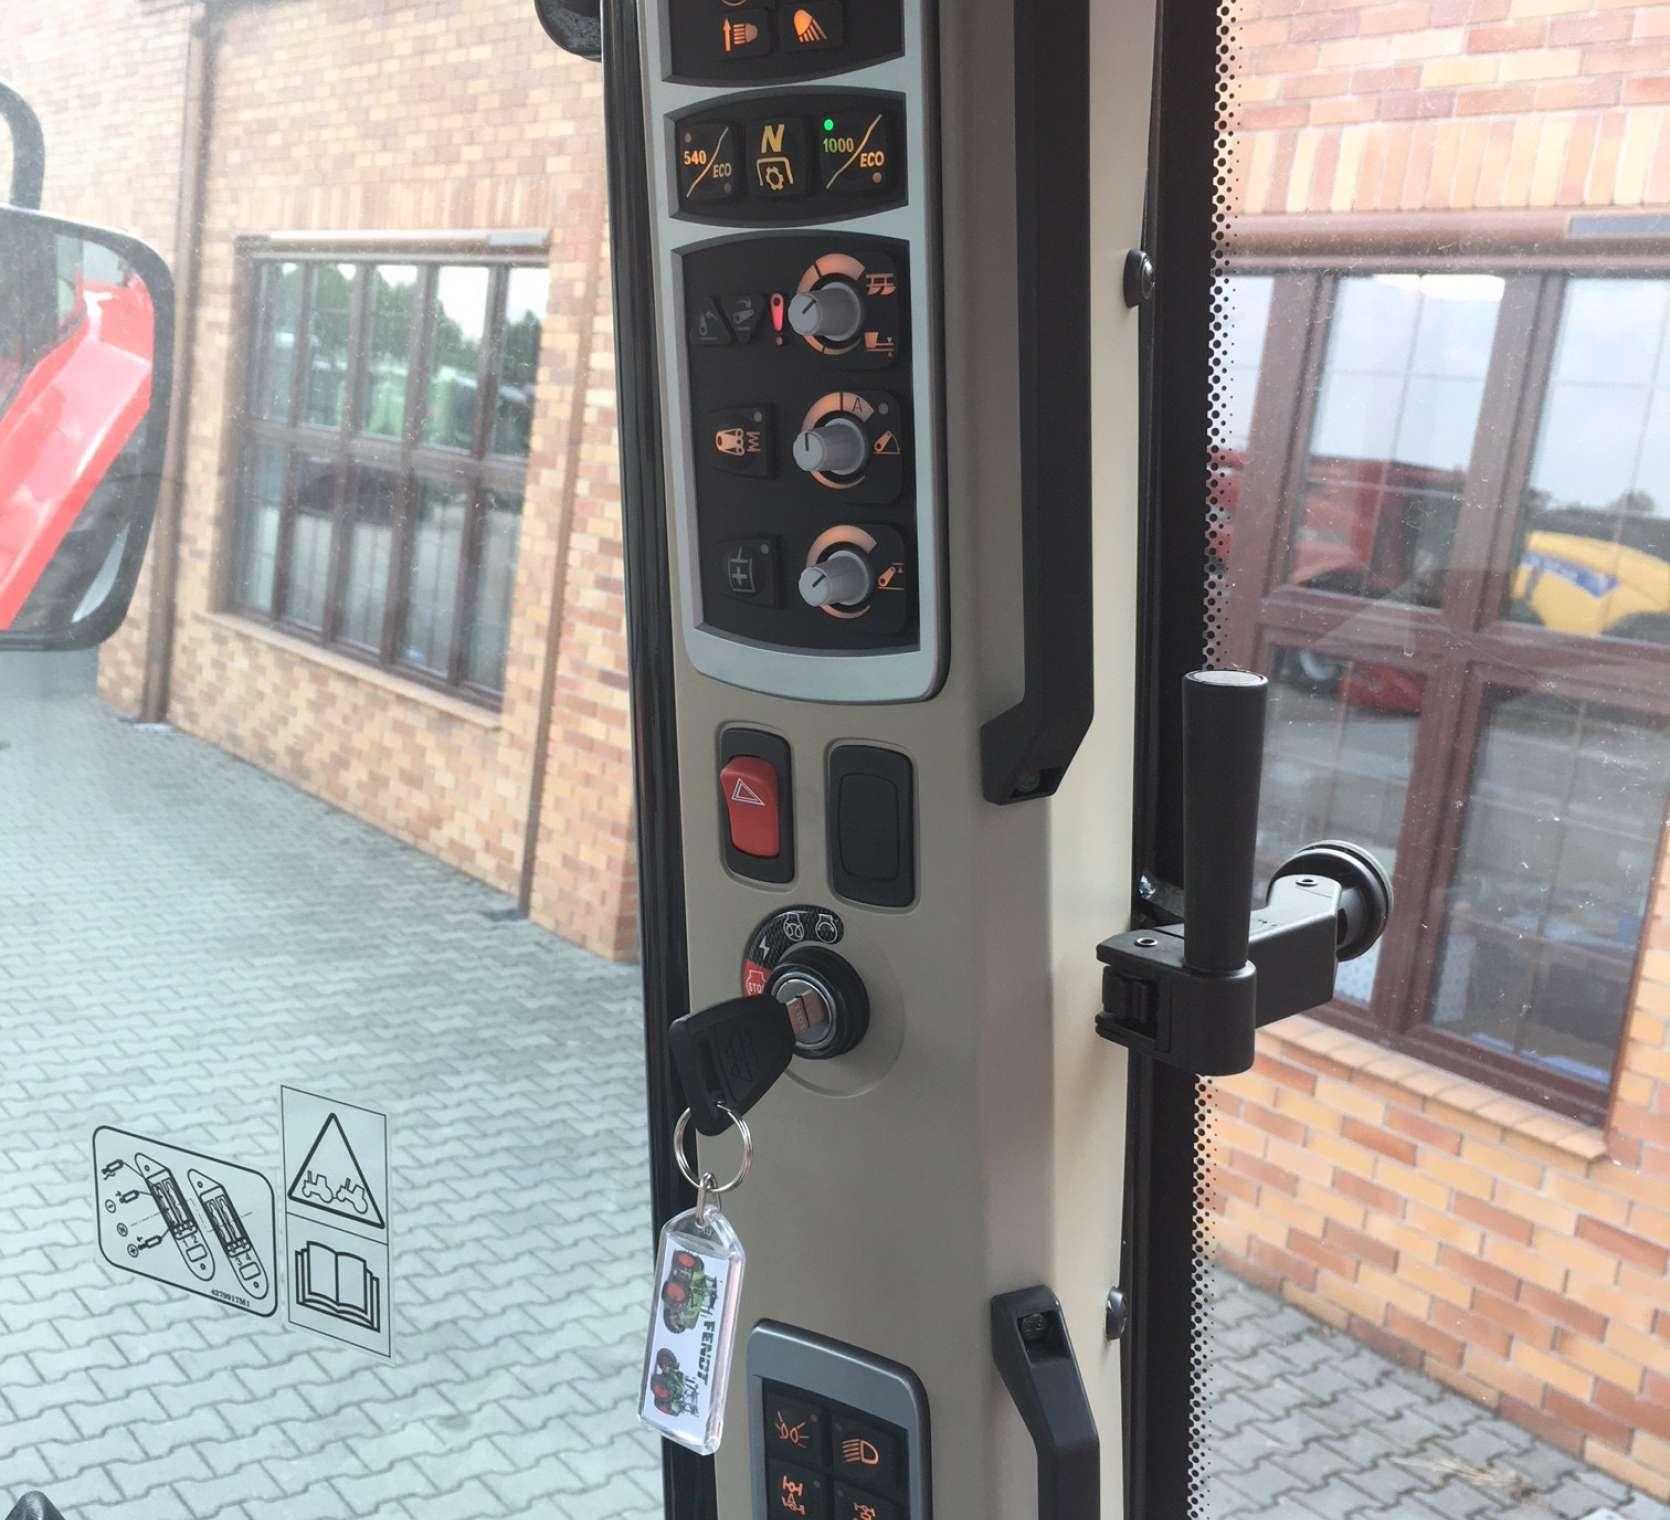 Nowoczesny panel sterowania na bocznym słupku w kabinie MF 5613 z oferty ze strony korbanek.pl